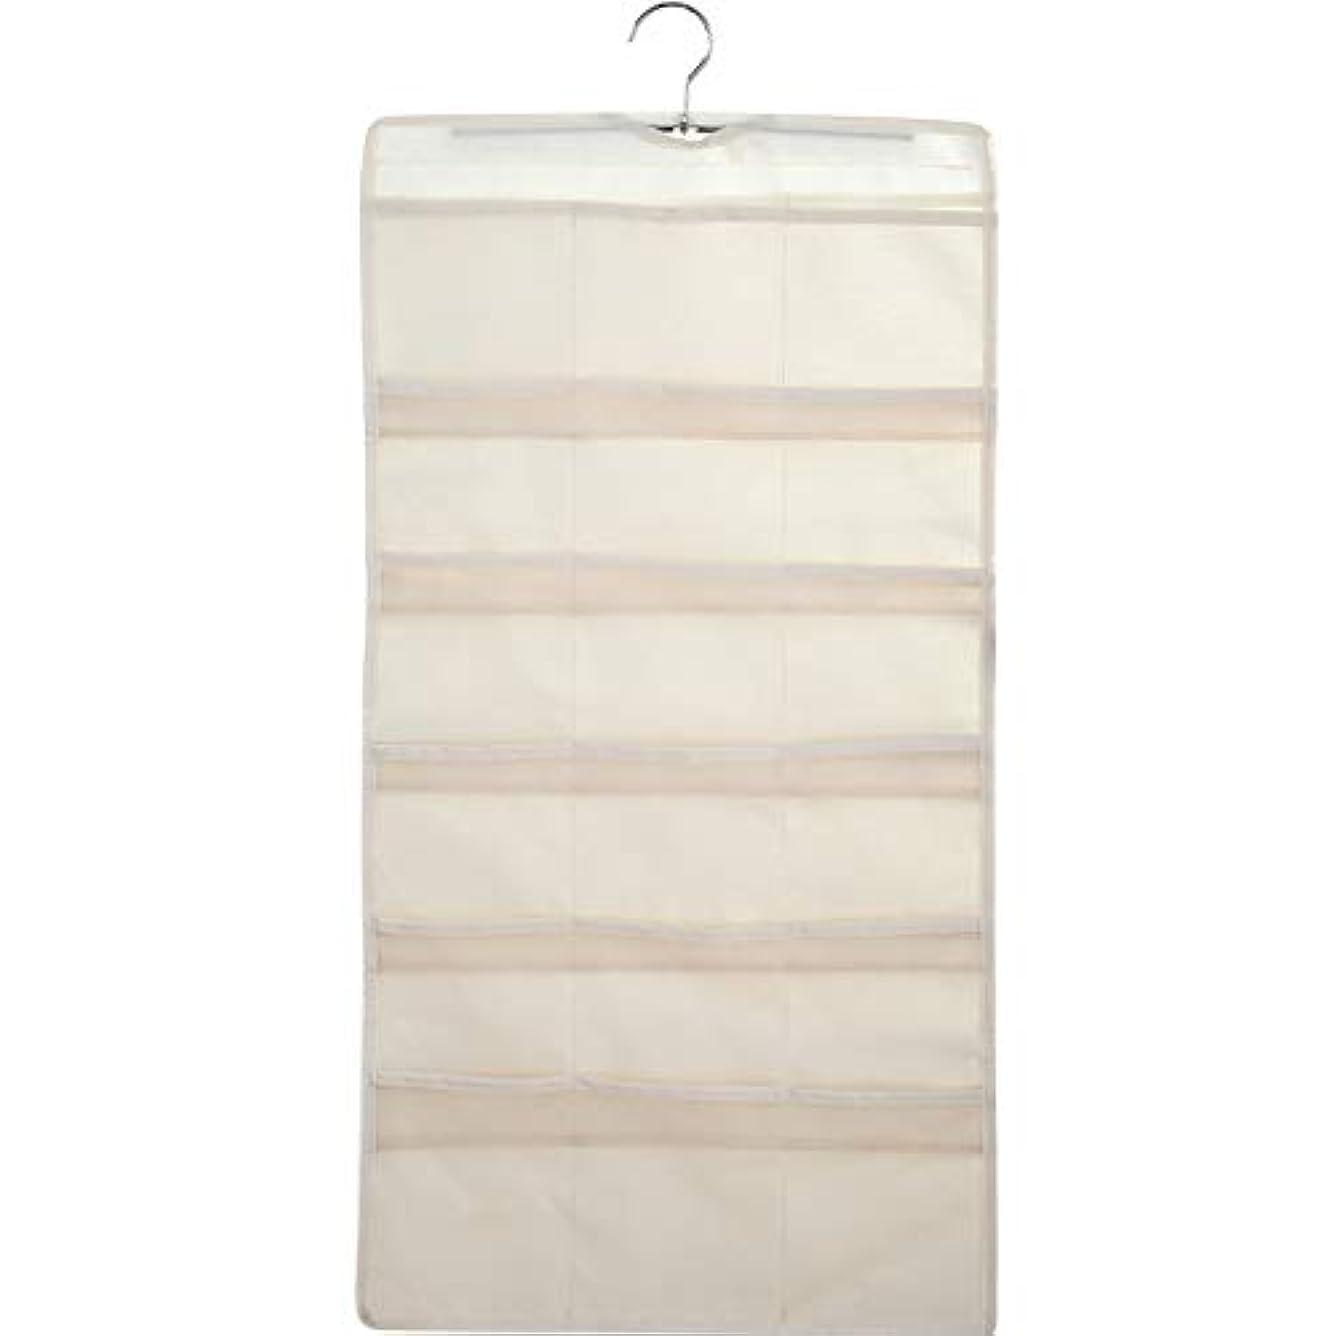 どきどきウッズ放散する大きくて深いポケットが付いている掛かる収納オーガナイザー、小さいワードローブのための両面スペース節約衣服オーガナイザー,A